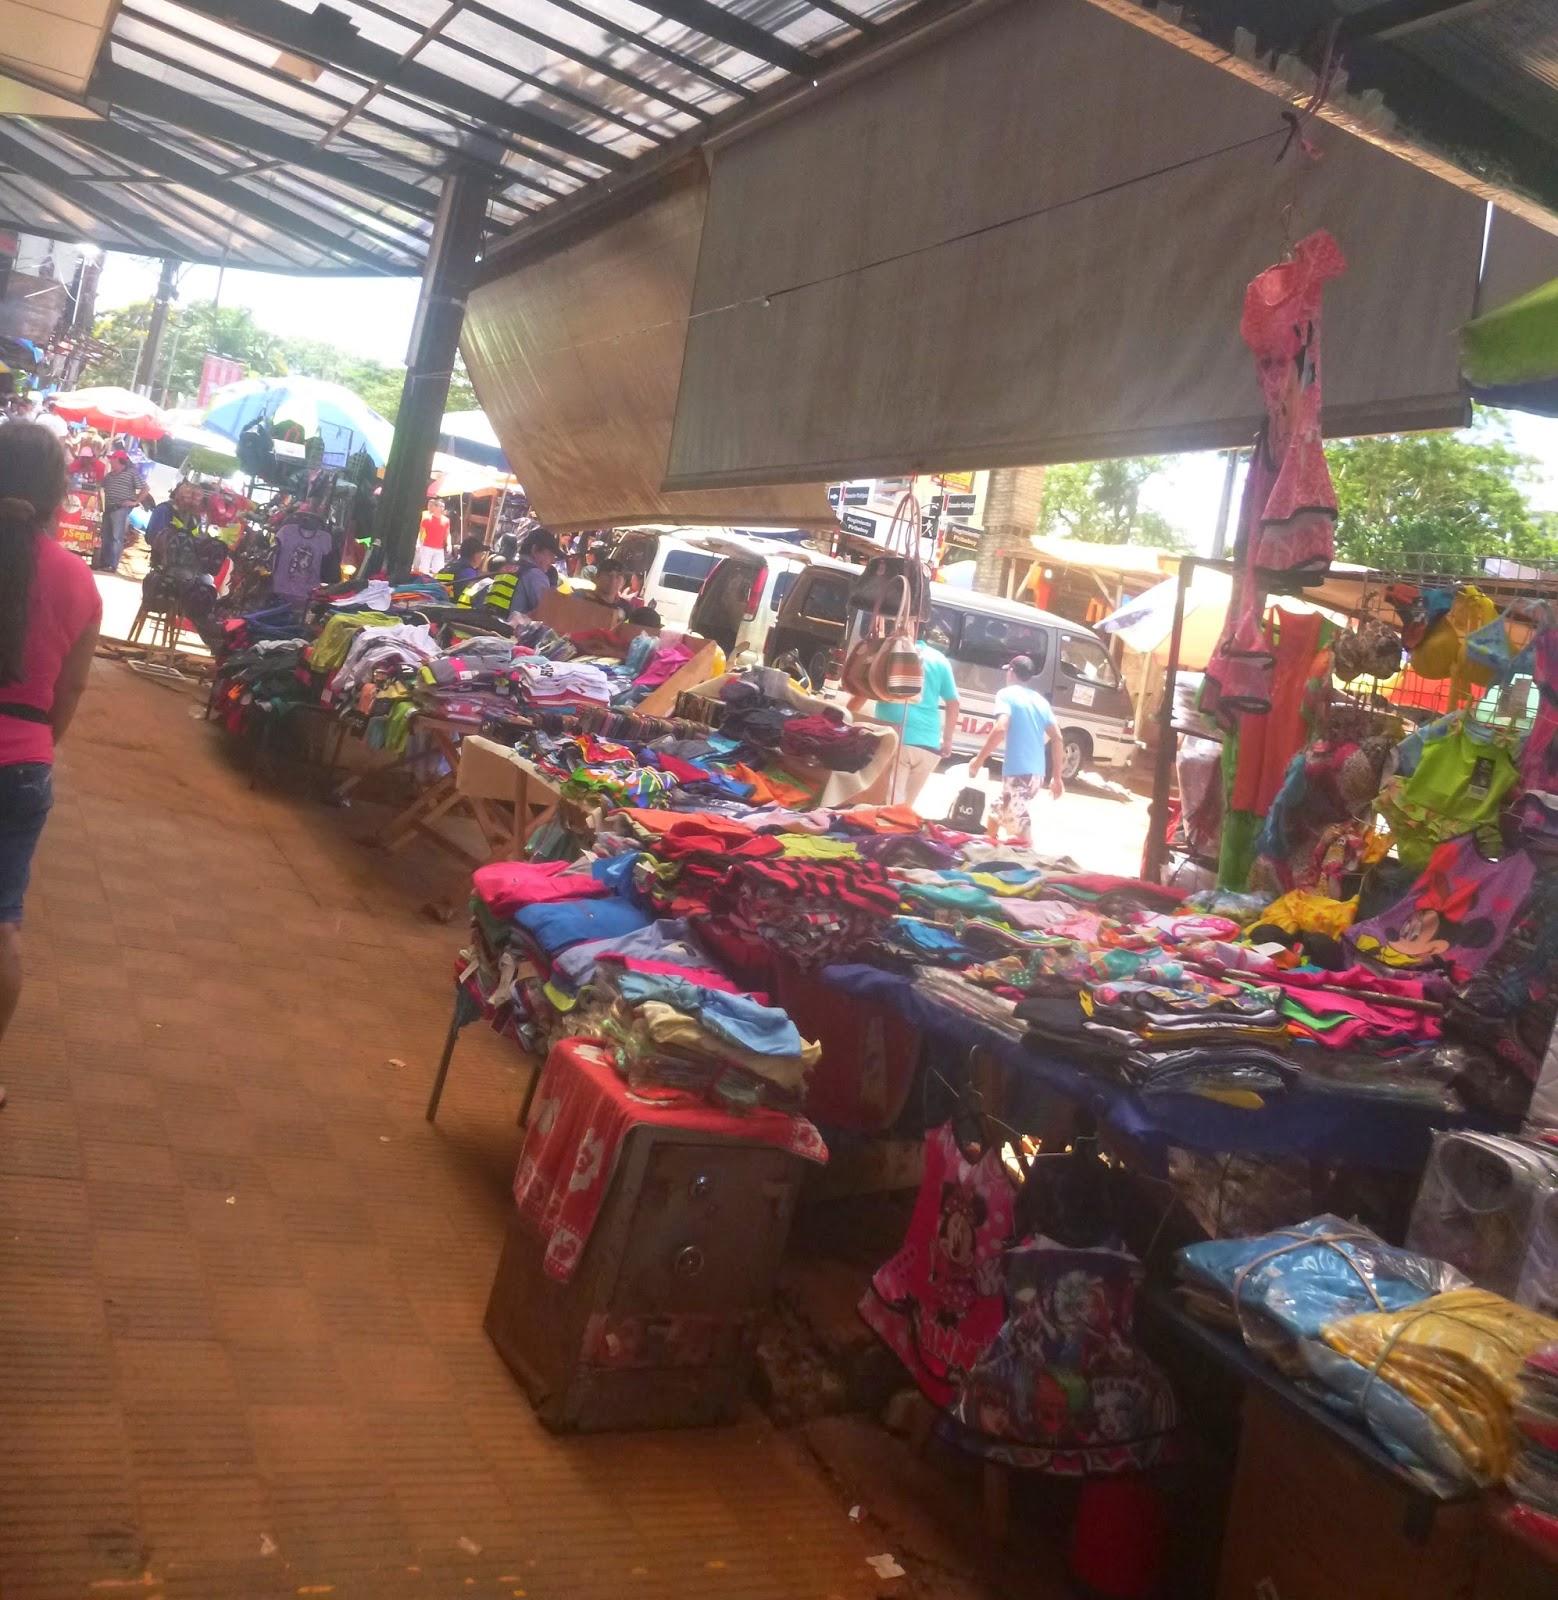 Ciudad del Este - Paraguai